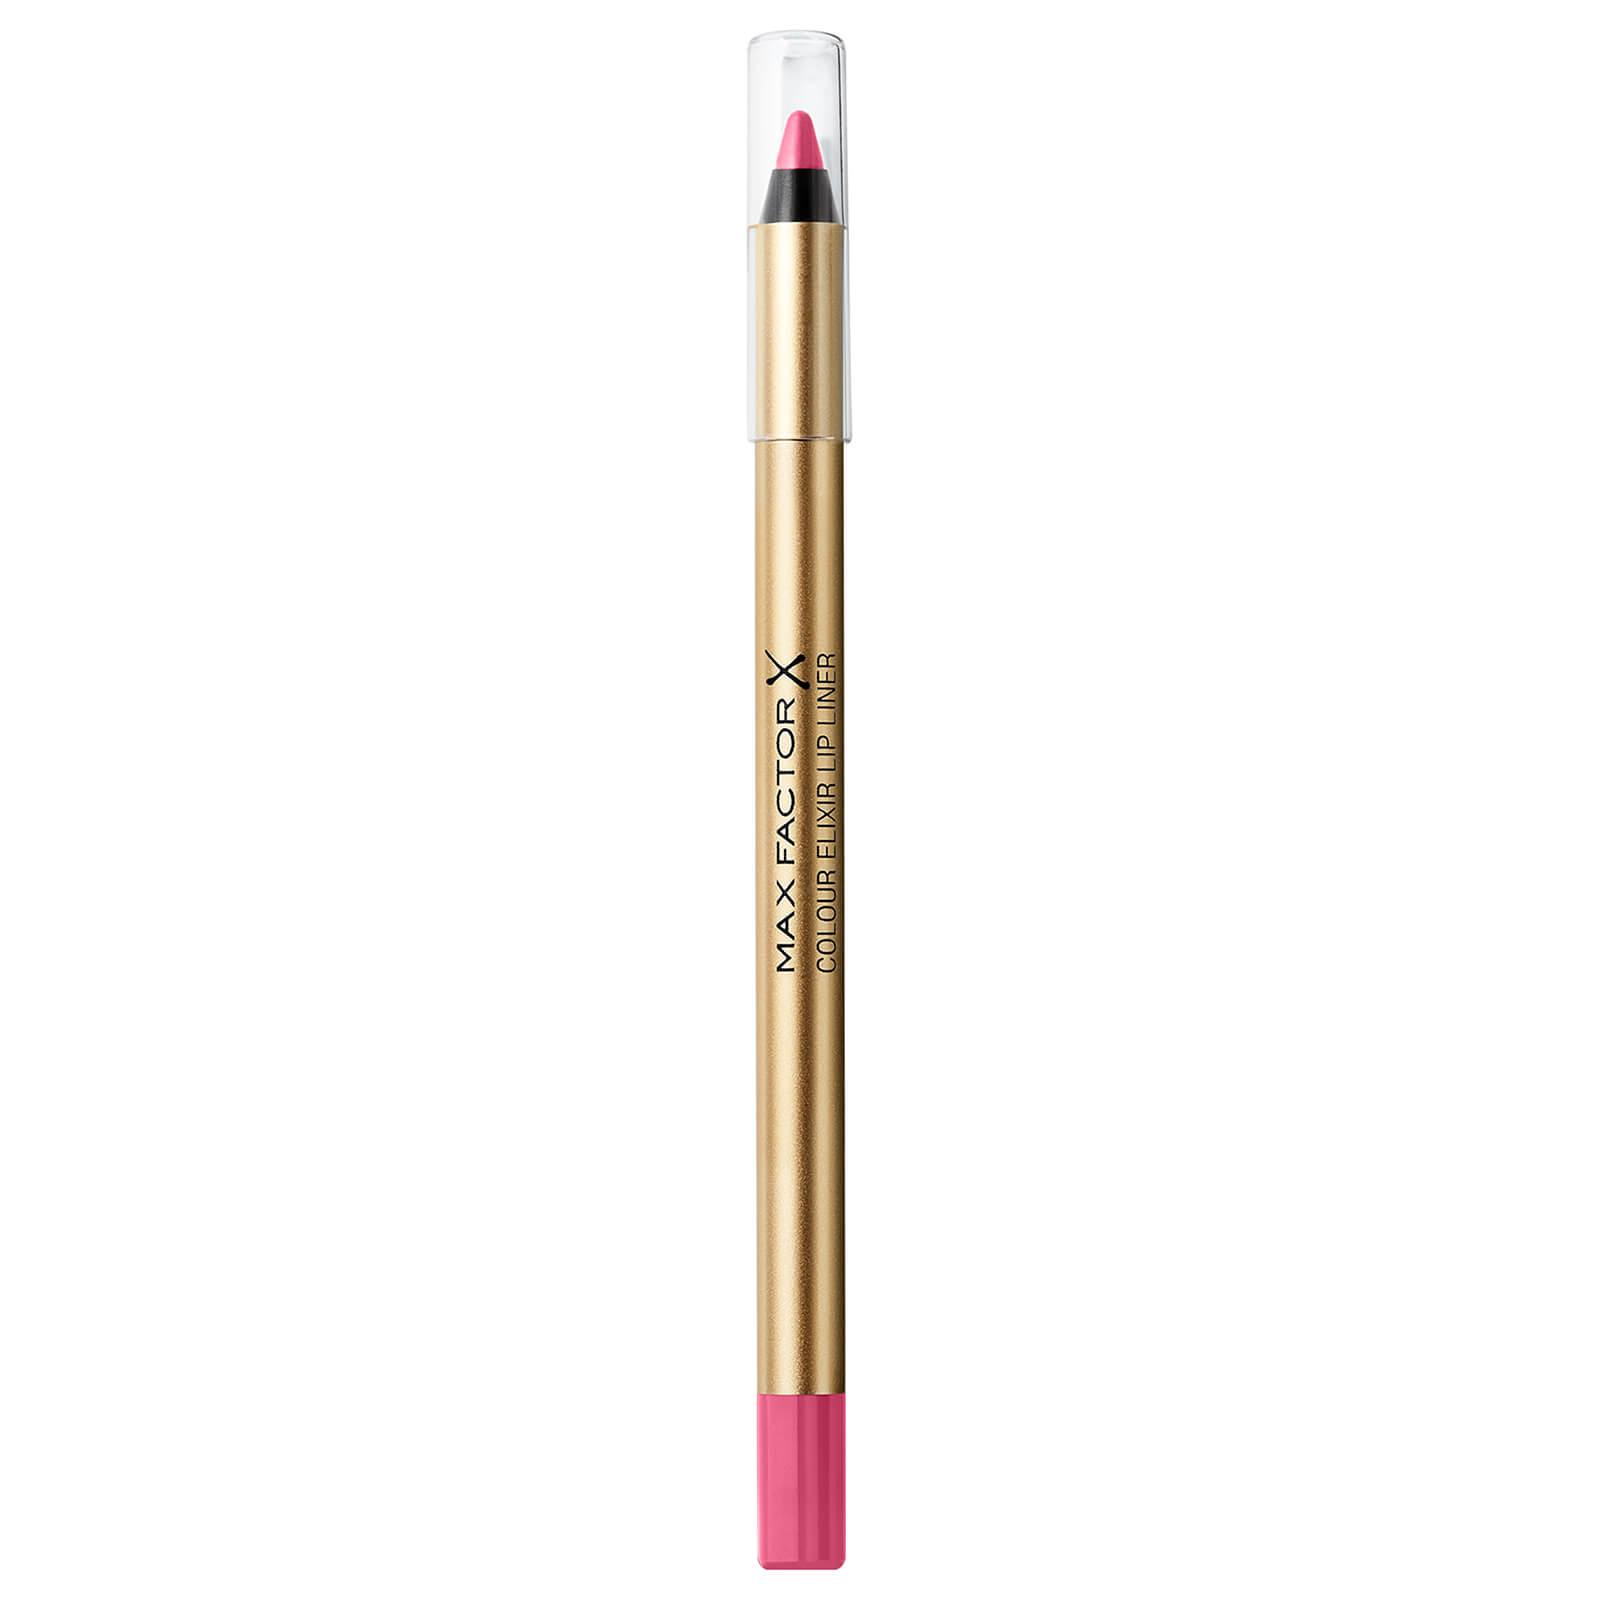 Купить Max Factor Colour Elixir Lipliner (Various Shades) - Pink Blus